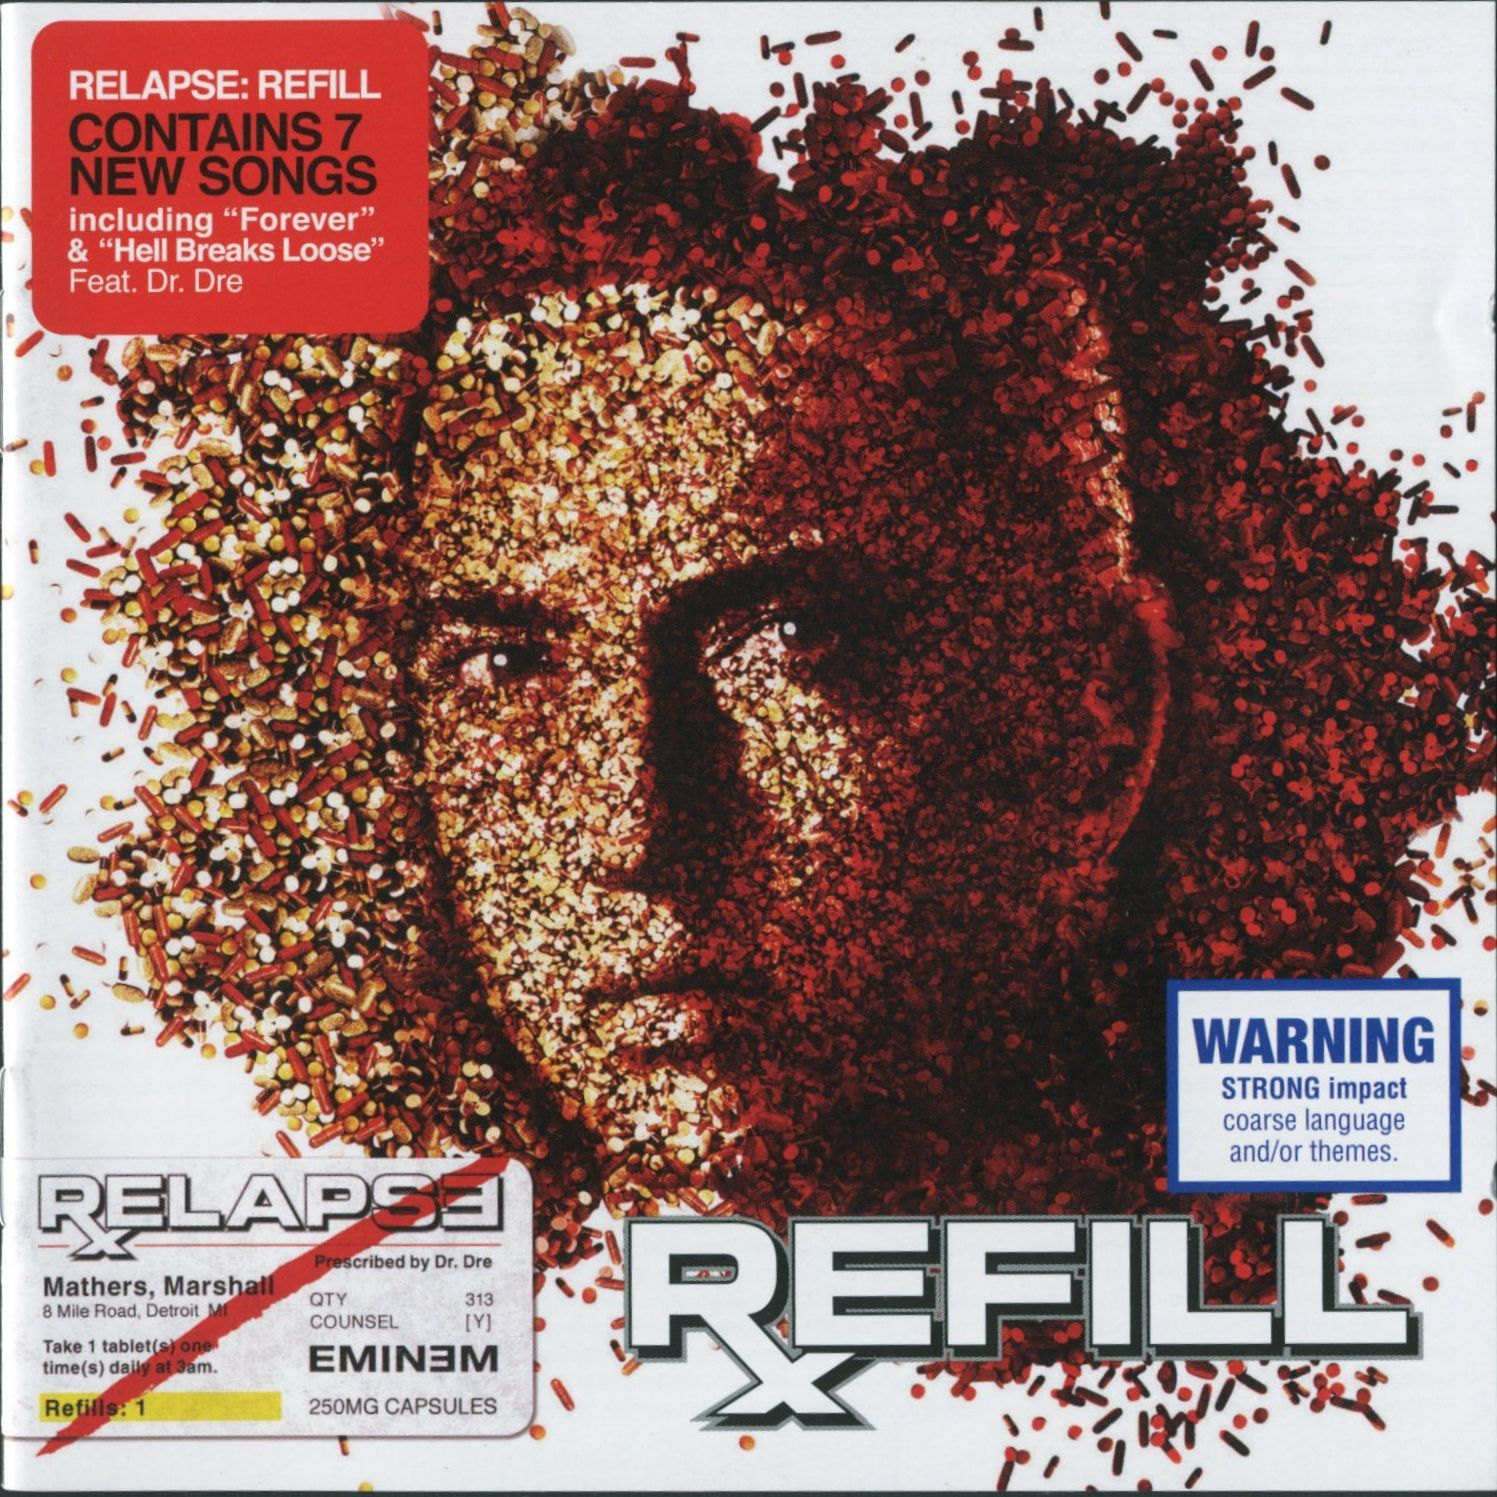 Eminem - Relapse: The Refill album cover